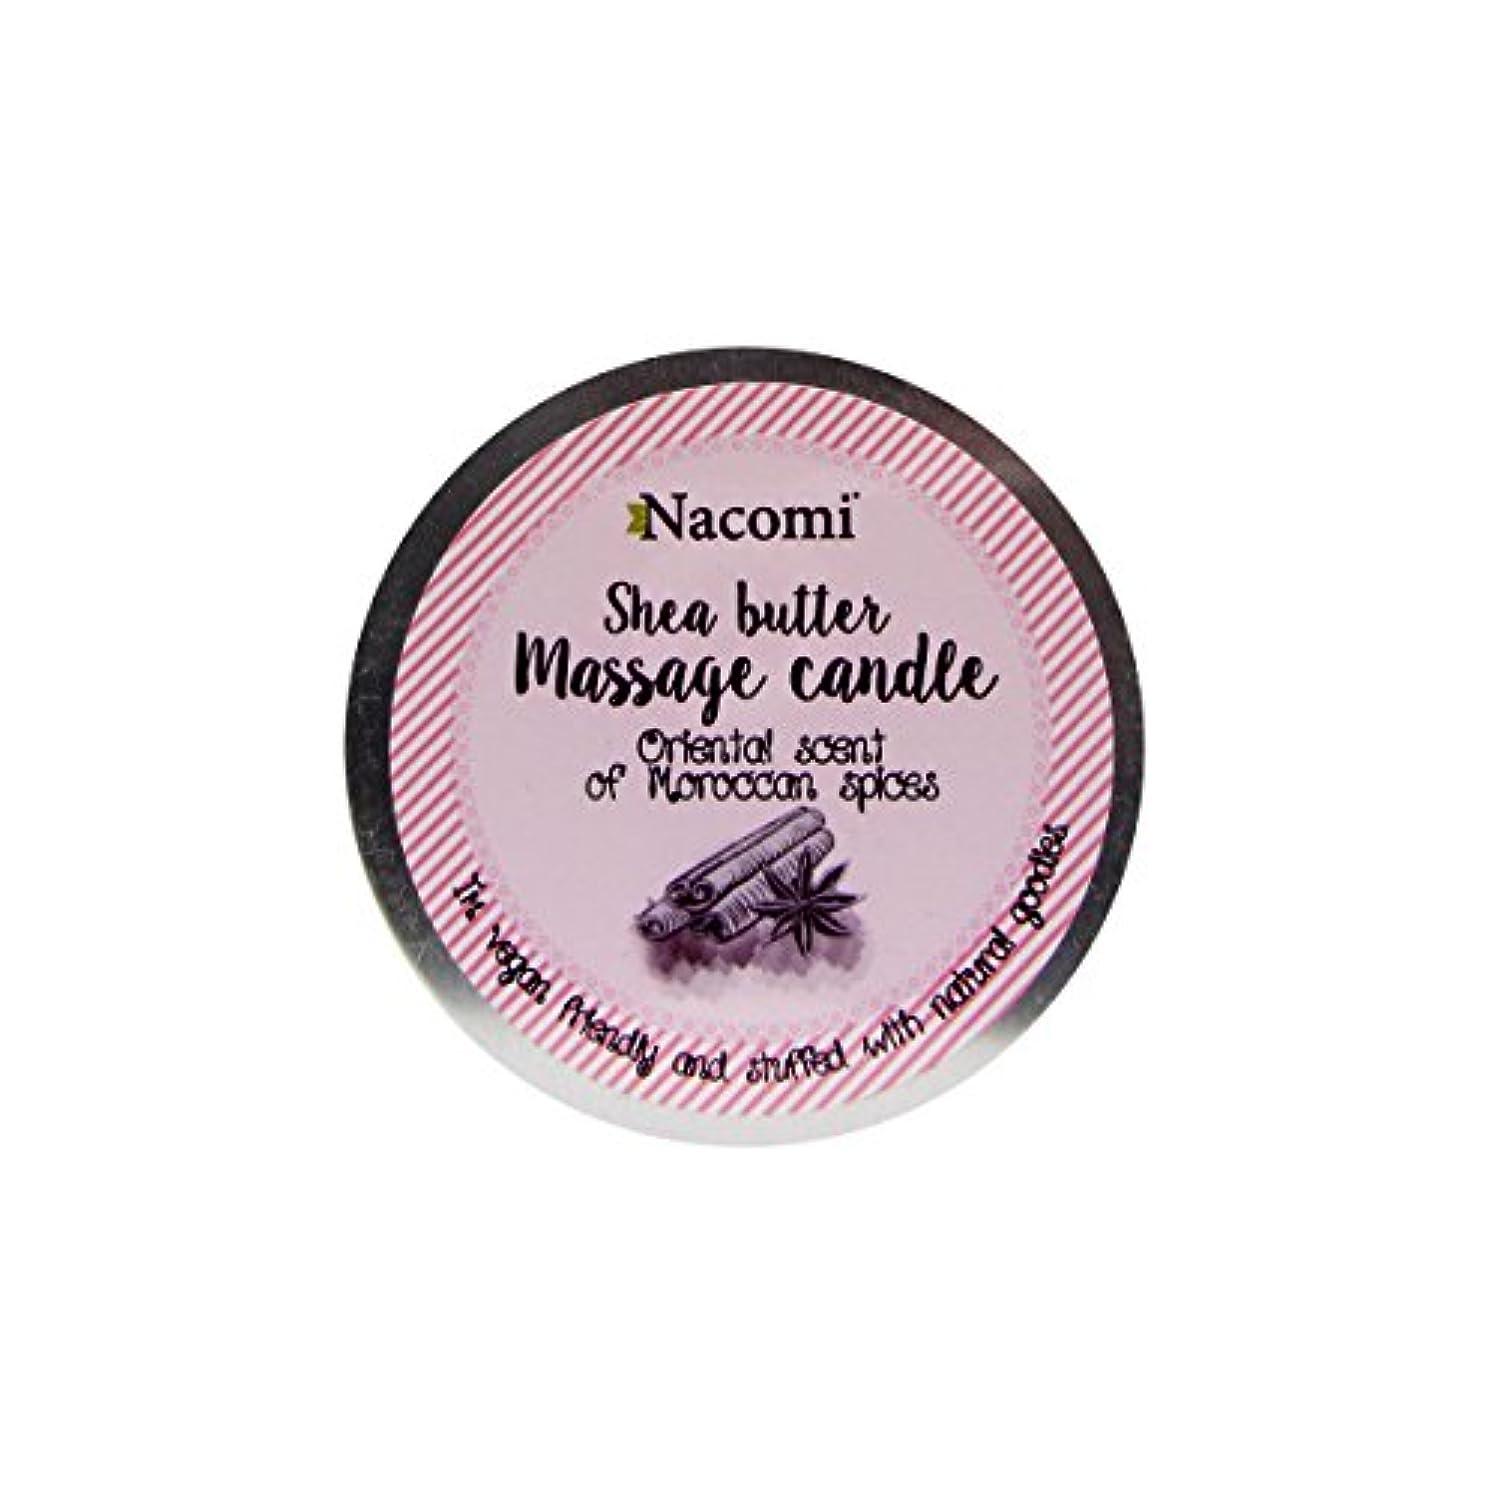 欠乏金属反乱Nacomi Shea Butter Massage Candle Oriental Scent Of Moroccan Spices 150g [並行輸入品]